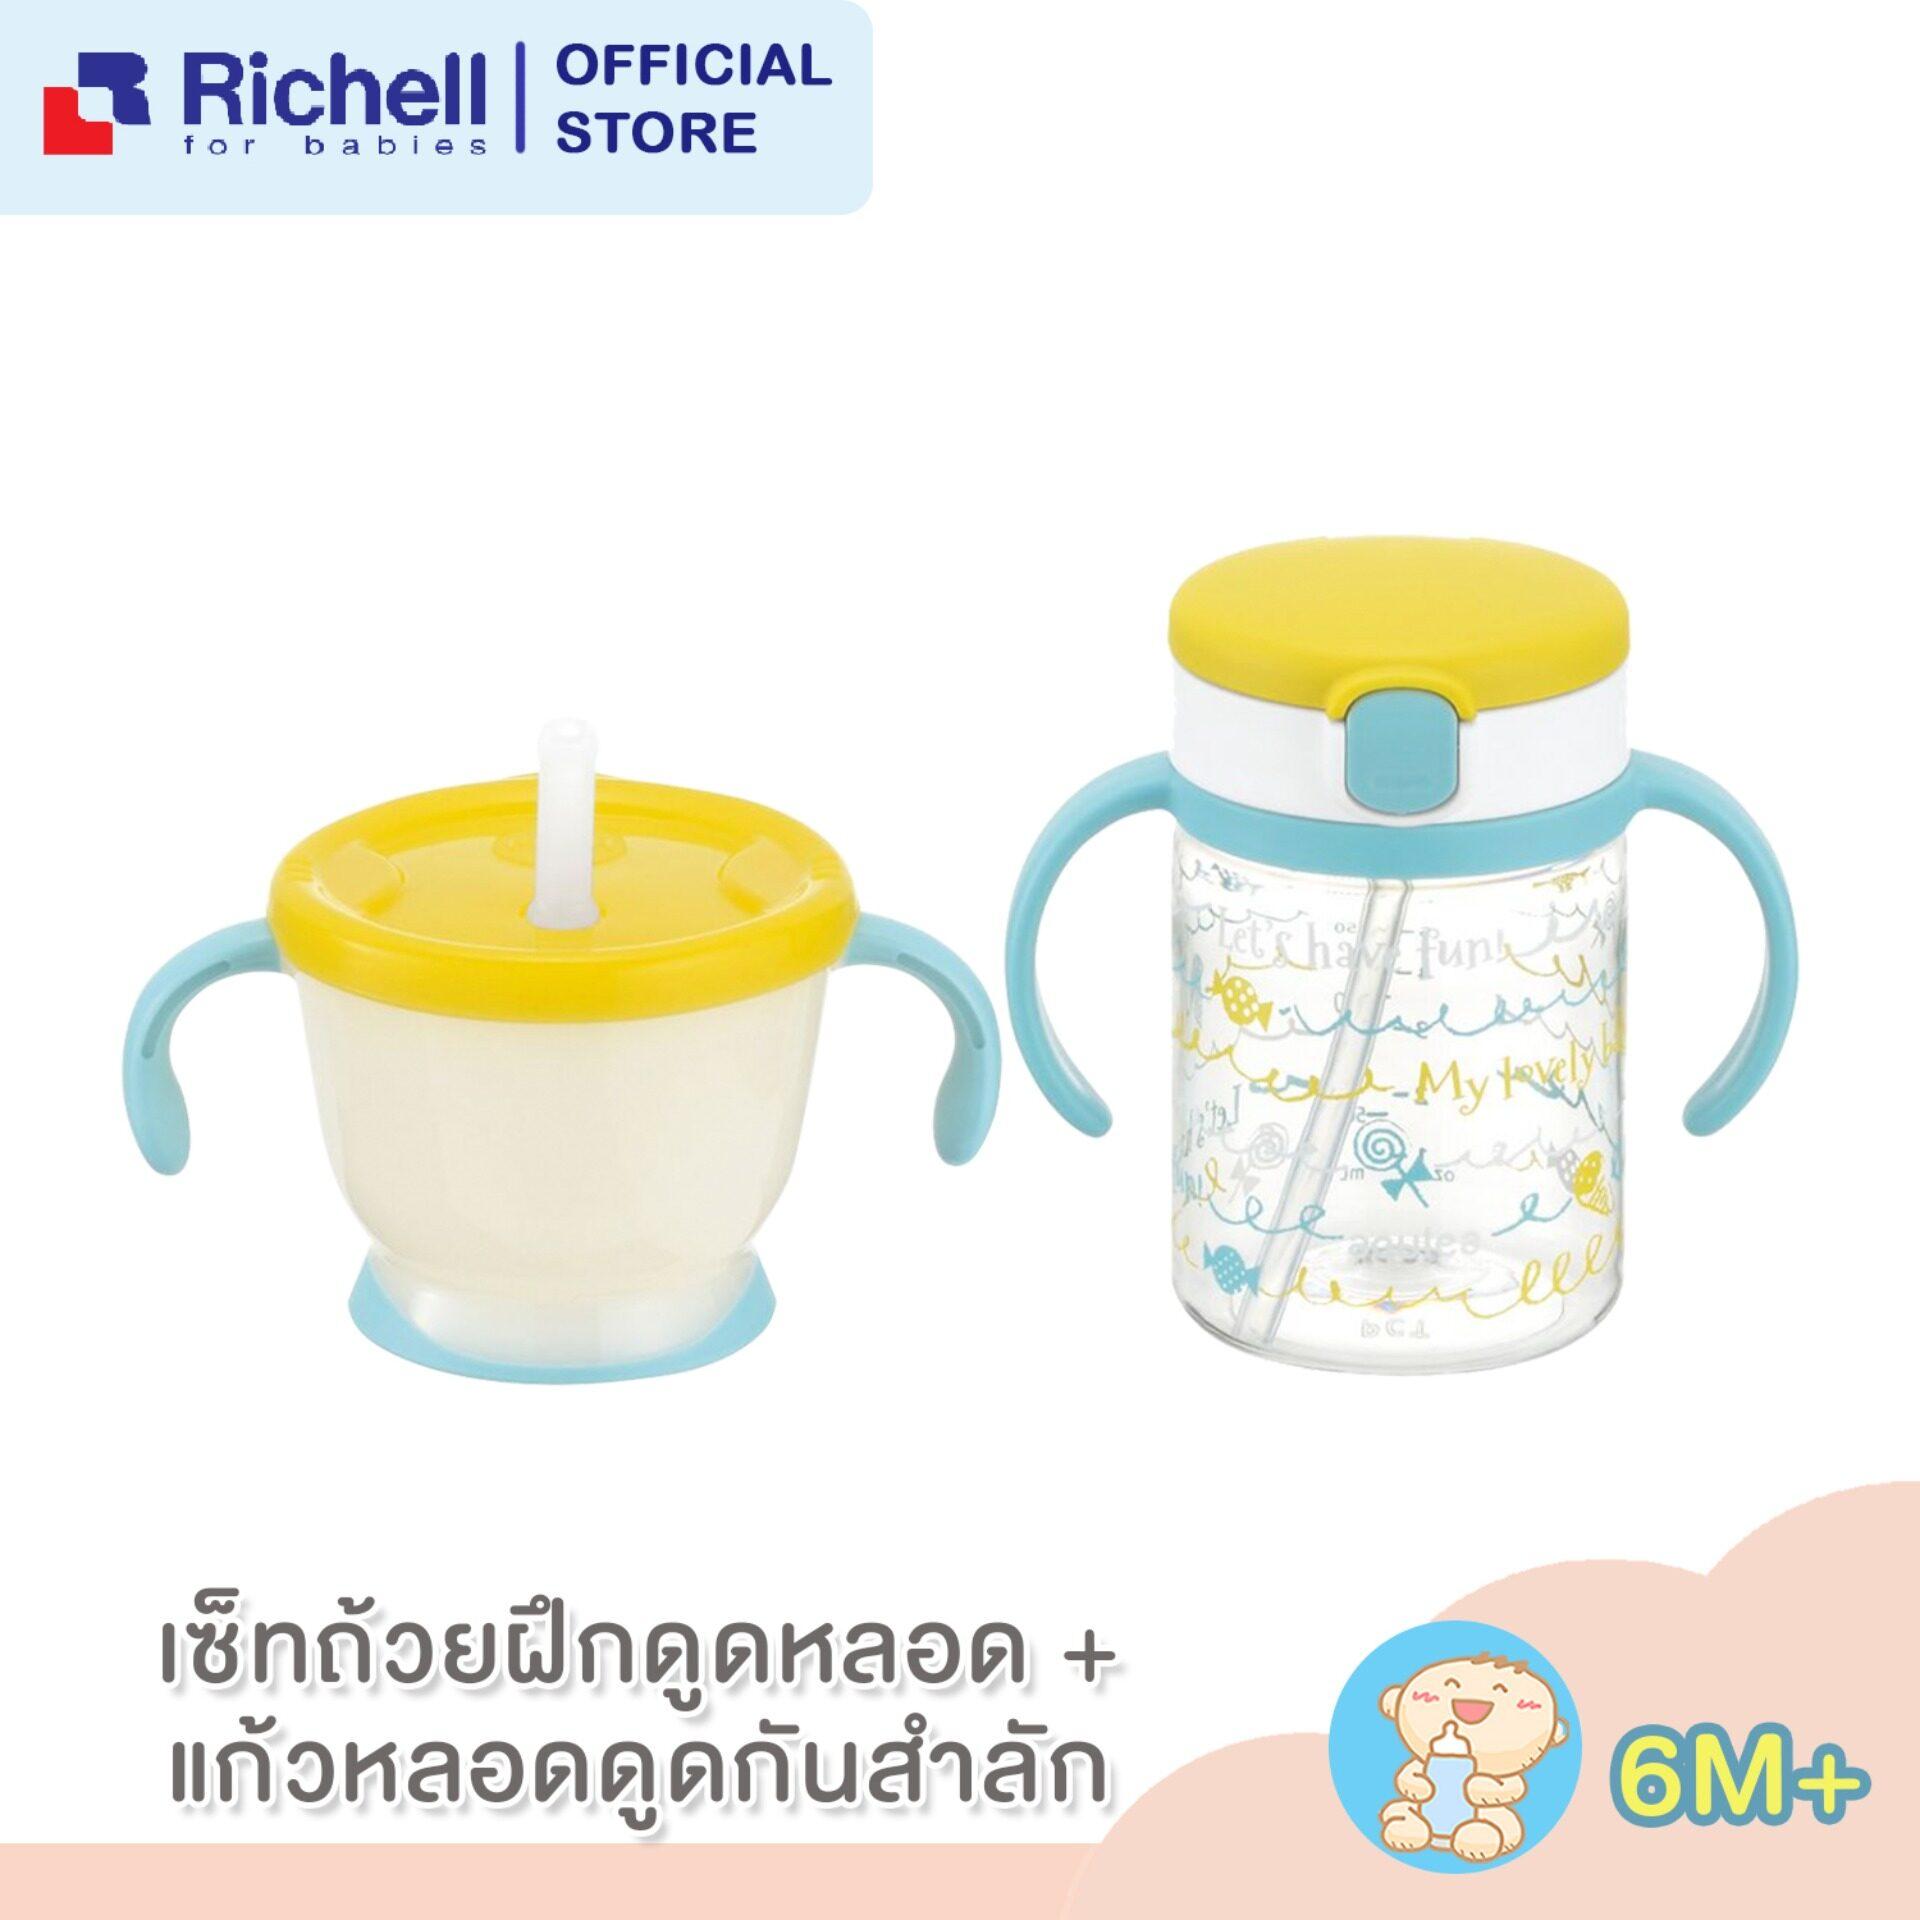 แนะนำ Richell ริเชล (ริชเชล/รีเชล) เซตแก้วฝึกดูดและแก้วหลอดดูด AQ Straw training mug& Clear straw bottle mug R ถ้วยฝึกดูดน้ำ ปุ่มกดน้ำ แก้วหลอดดูดกันสำลัก แบบเซตคู่